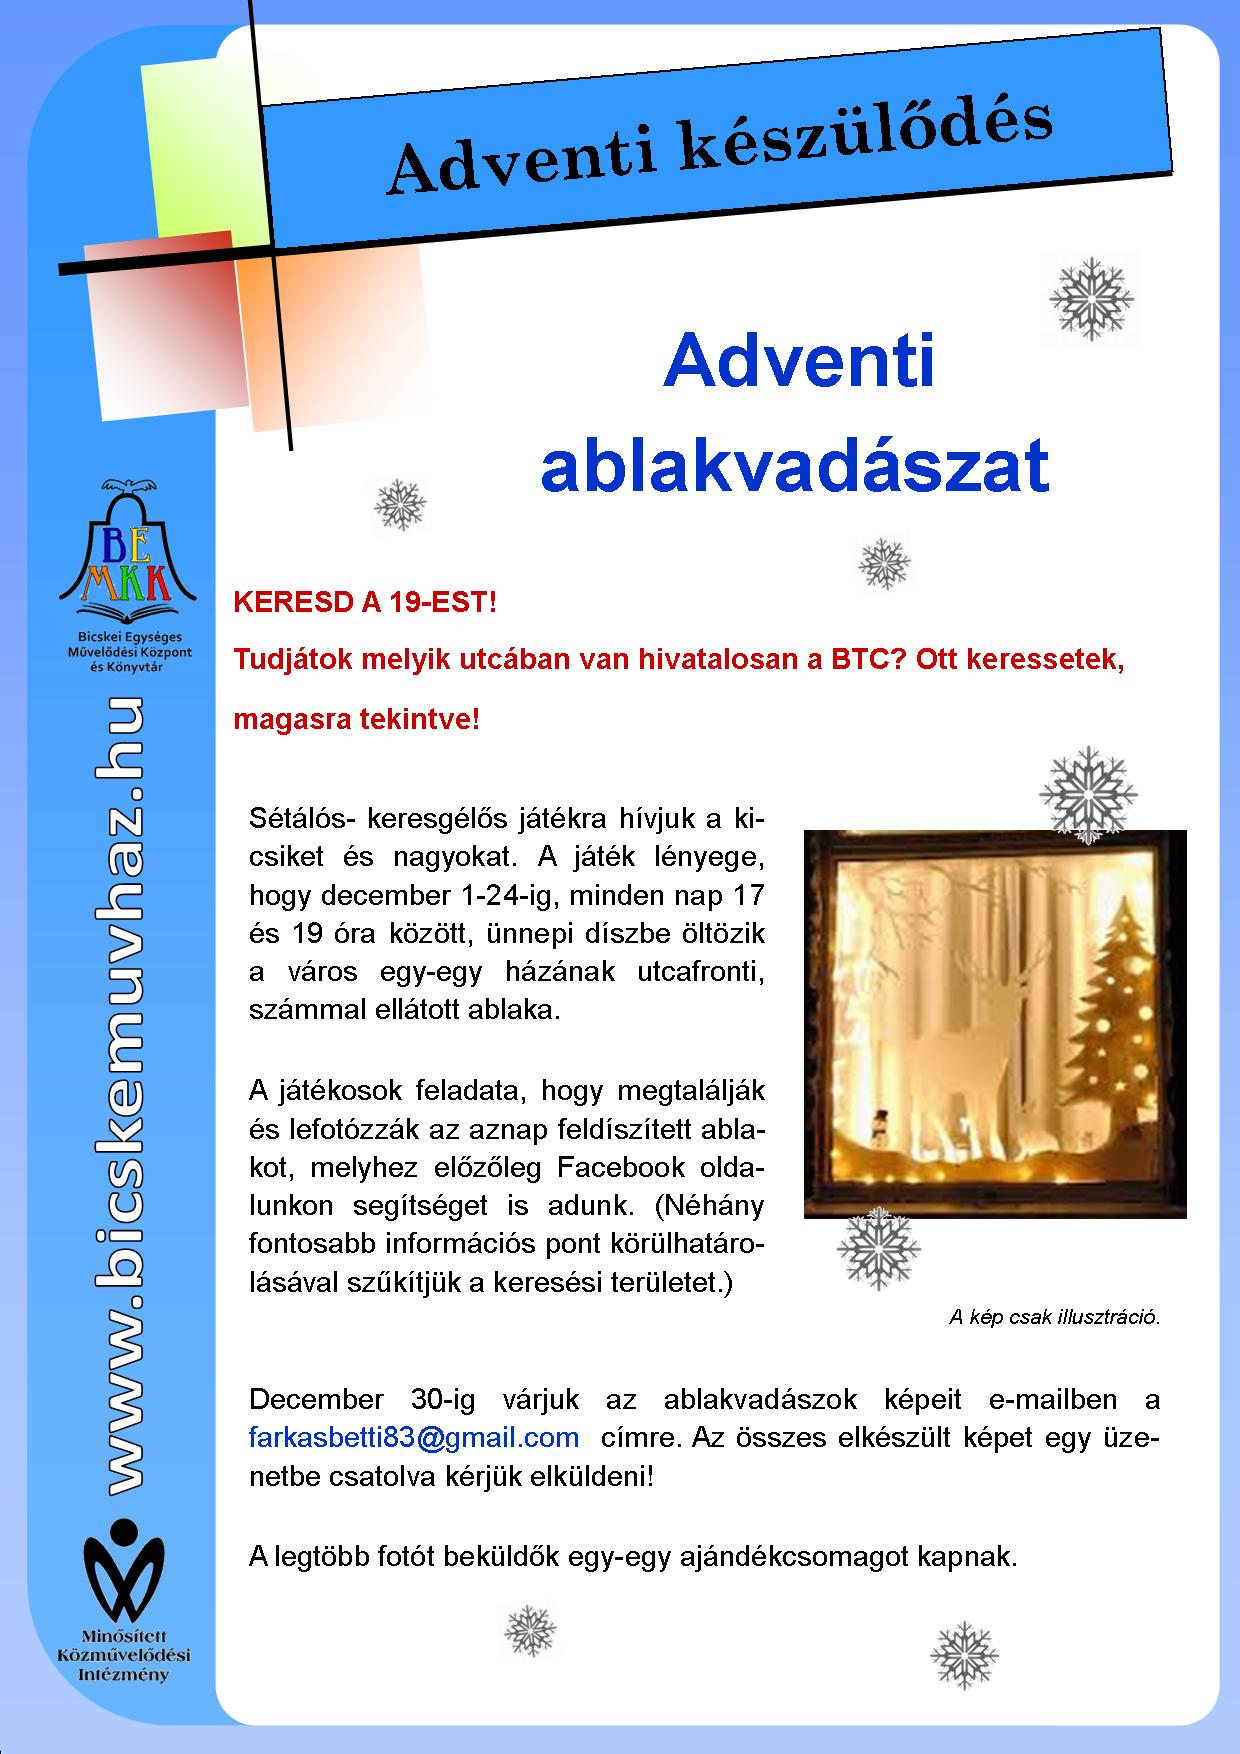 adventi_ablakvadaszat-keresd_a_19-est.jpg